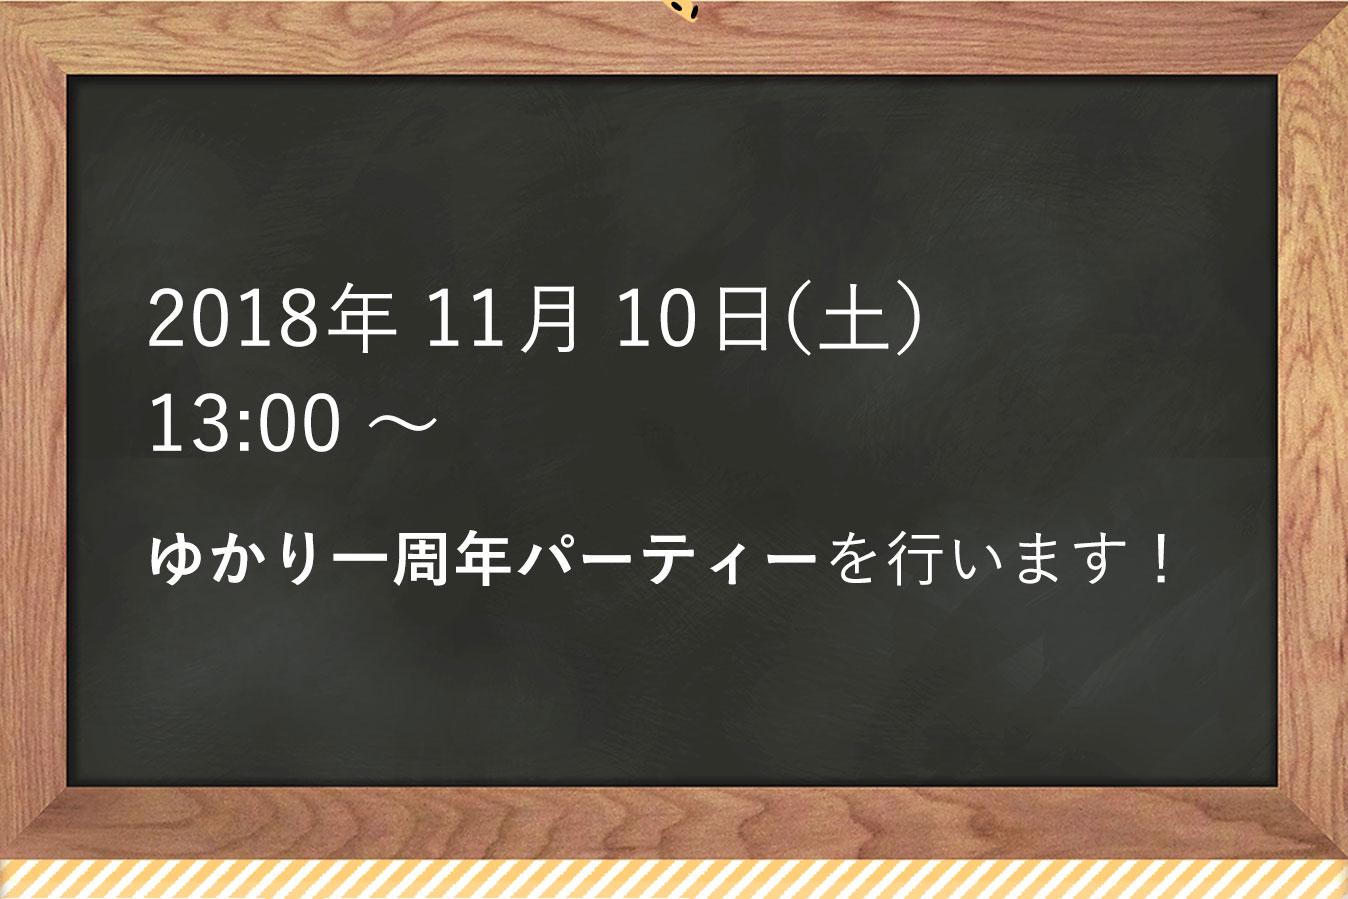 お知らせ 2018年11月10日(土)13:00~ゆかり一周年パーティーを行います!